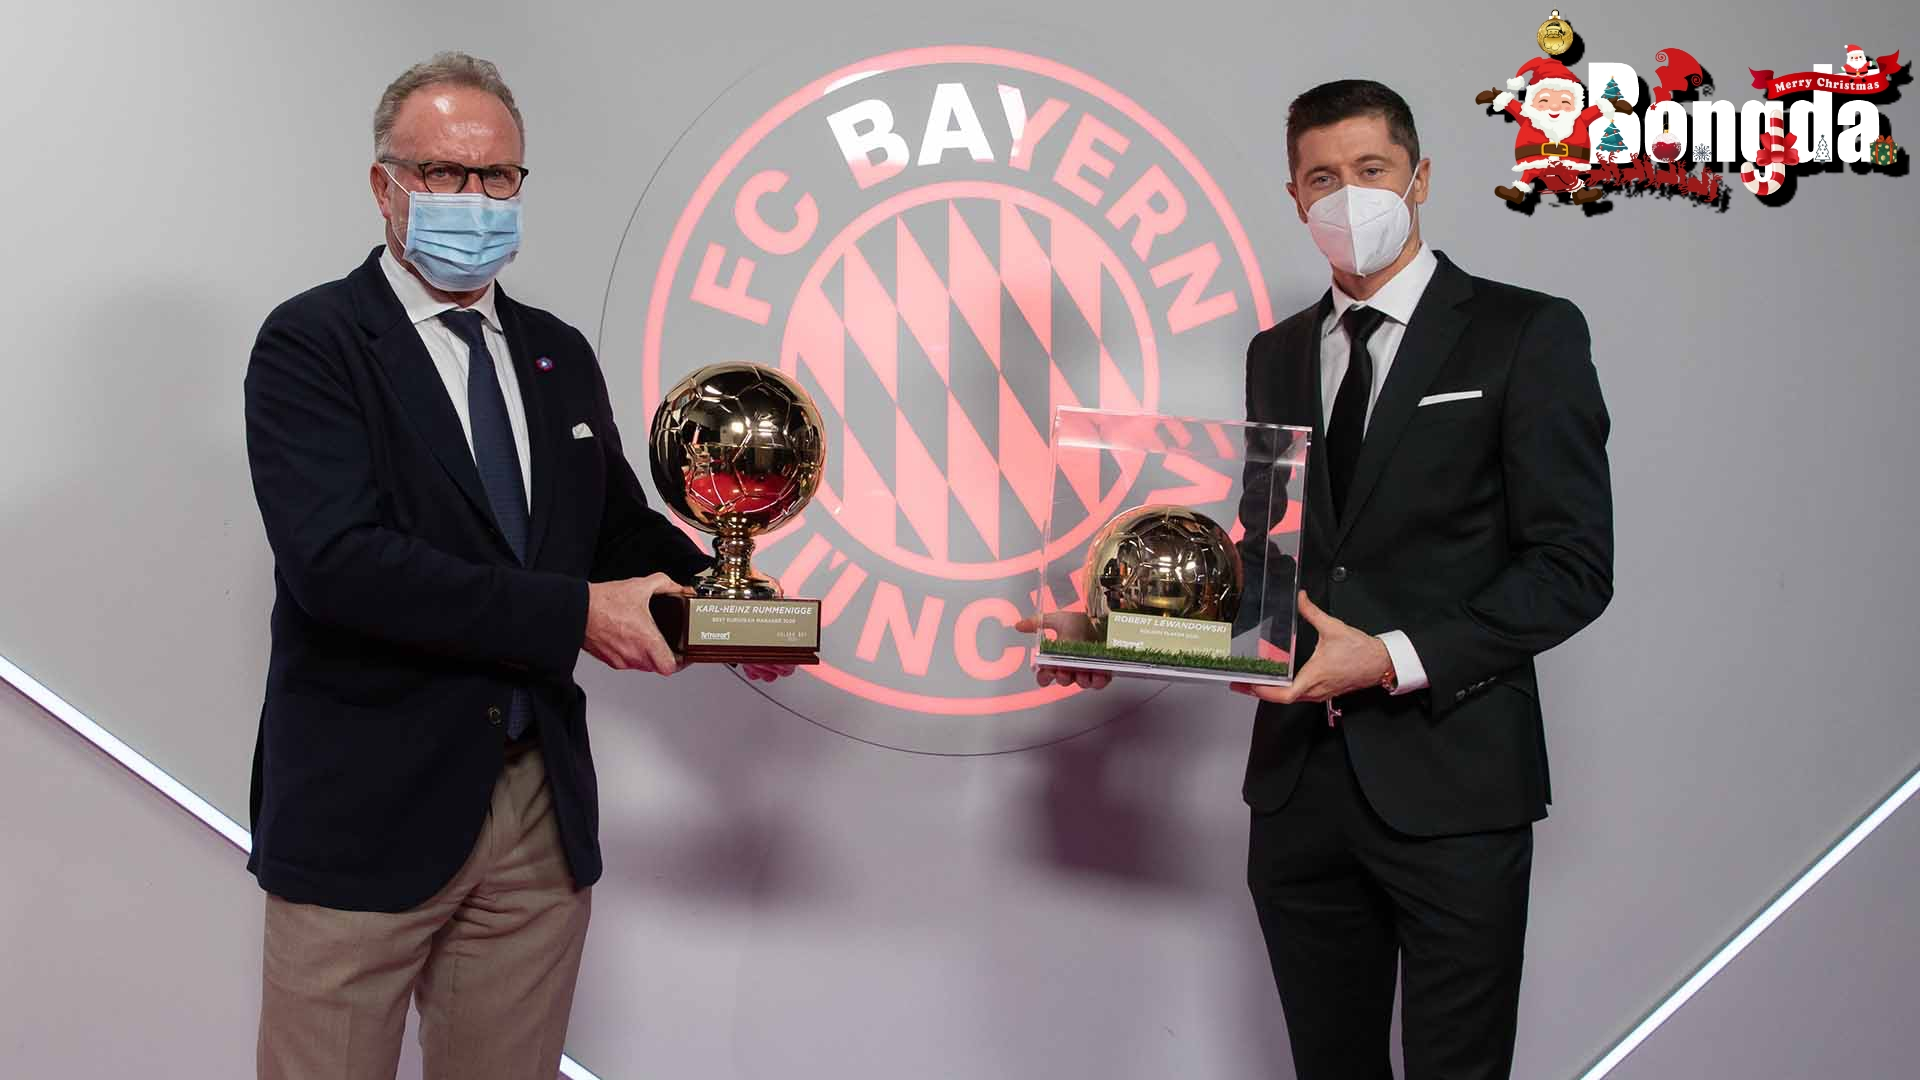 Lewandowski và Rummenigge giành giải thưởng tại buổi dạ tiệc Golden Boy